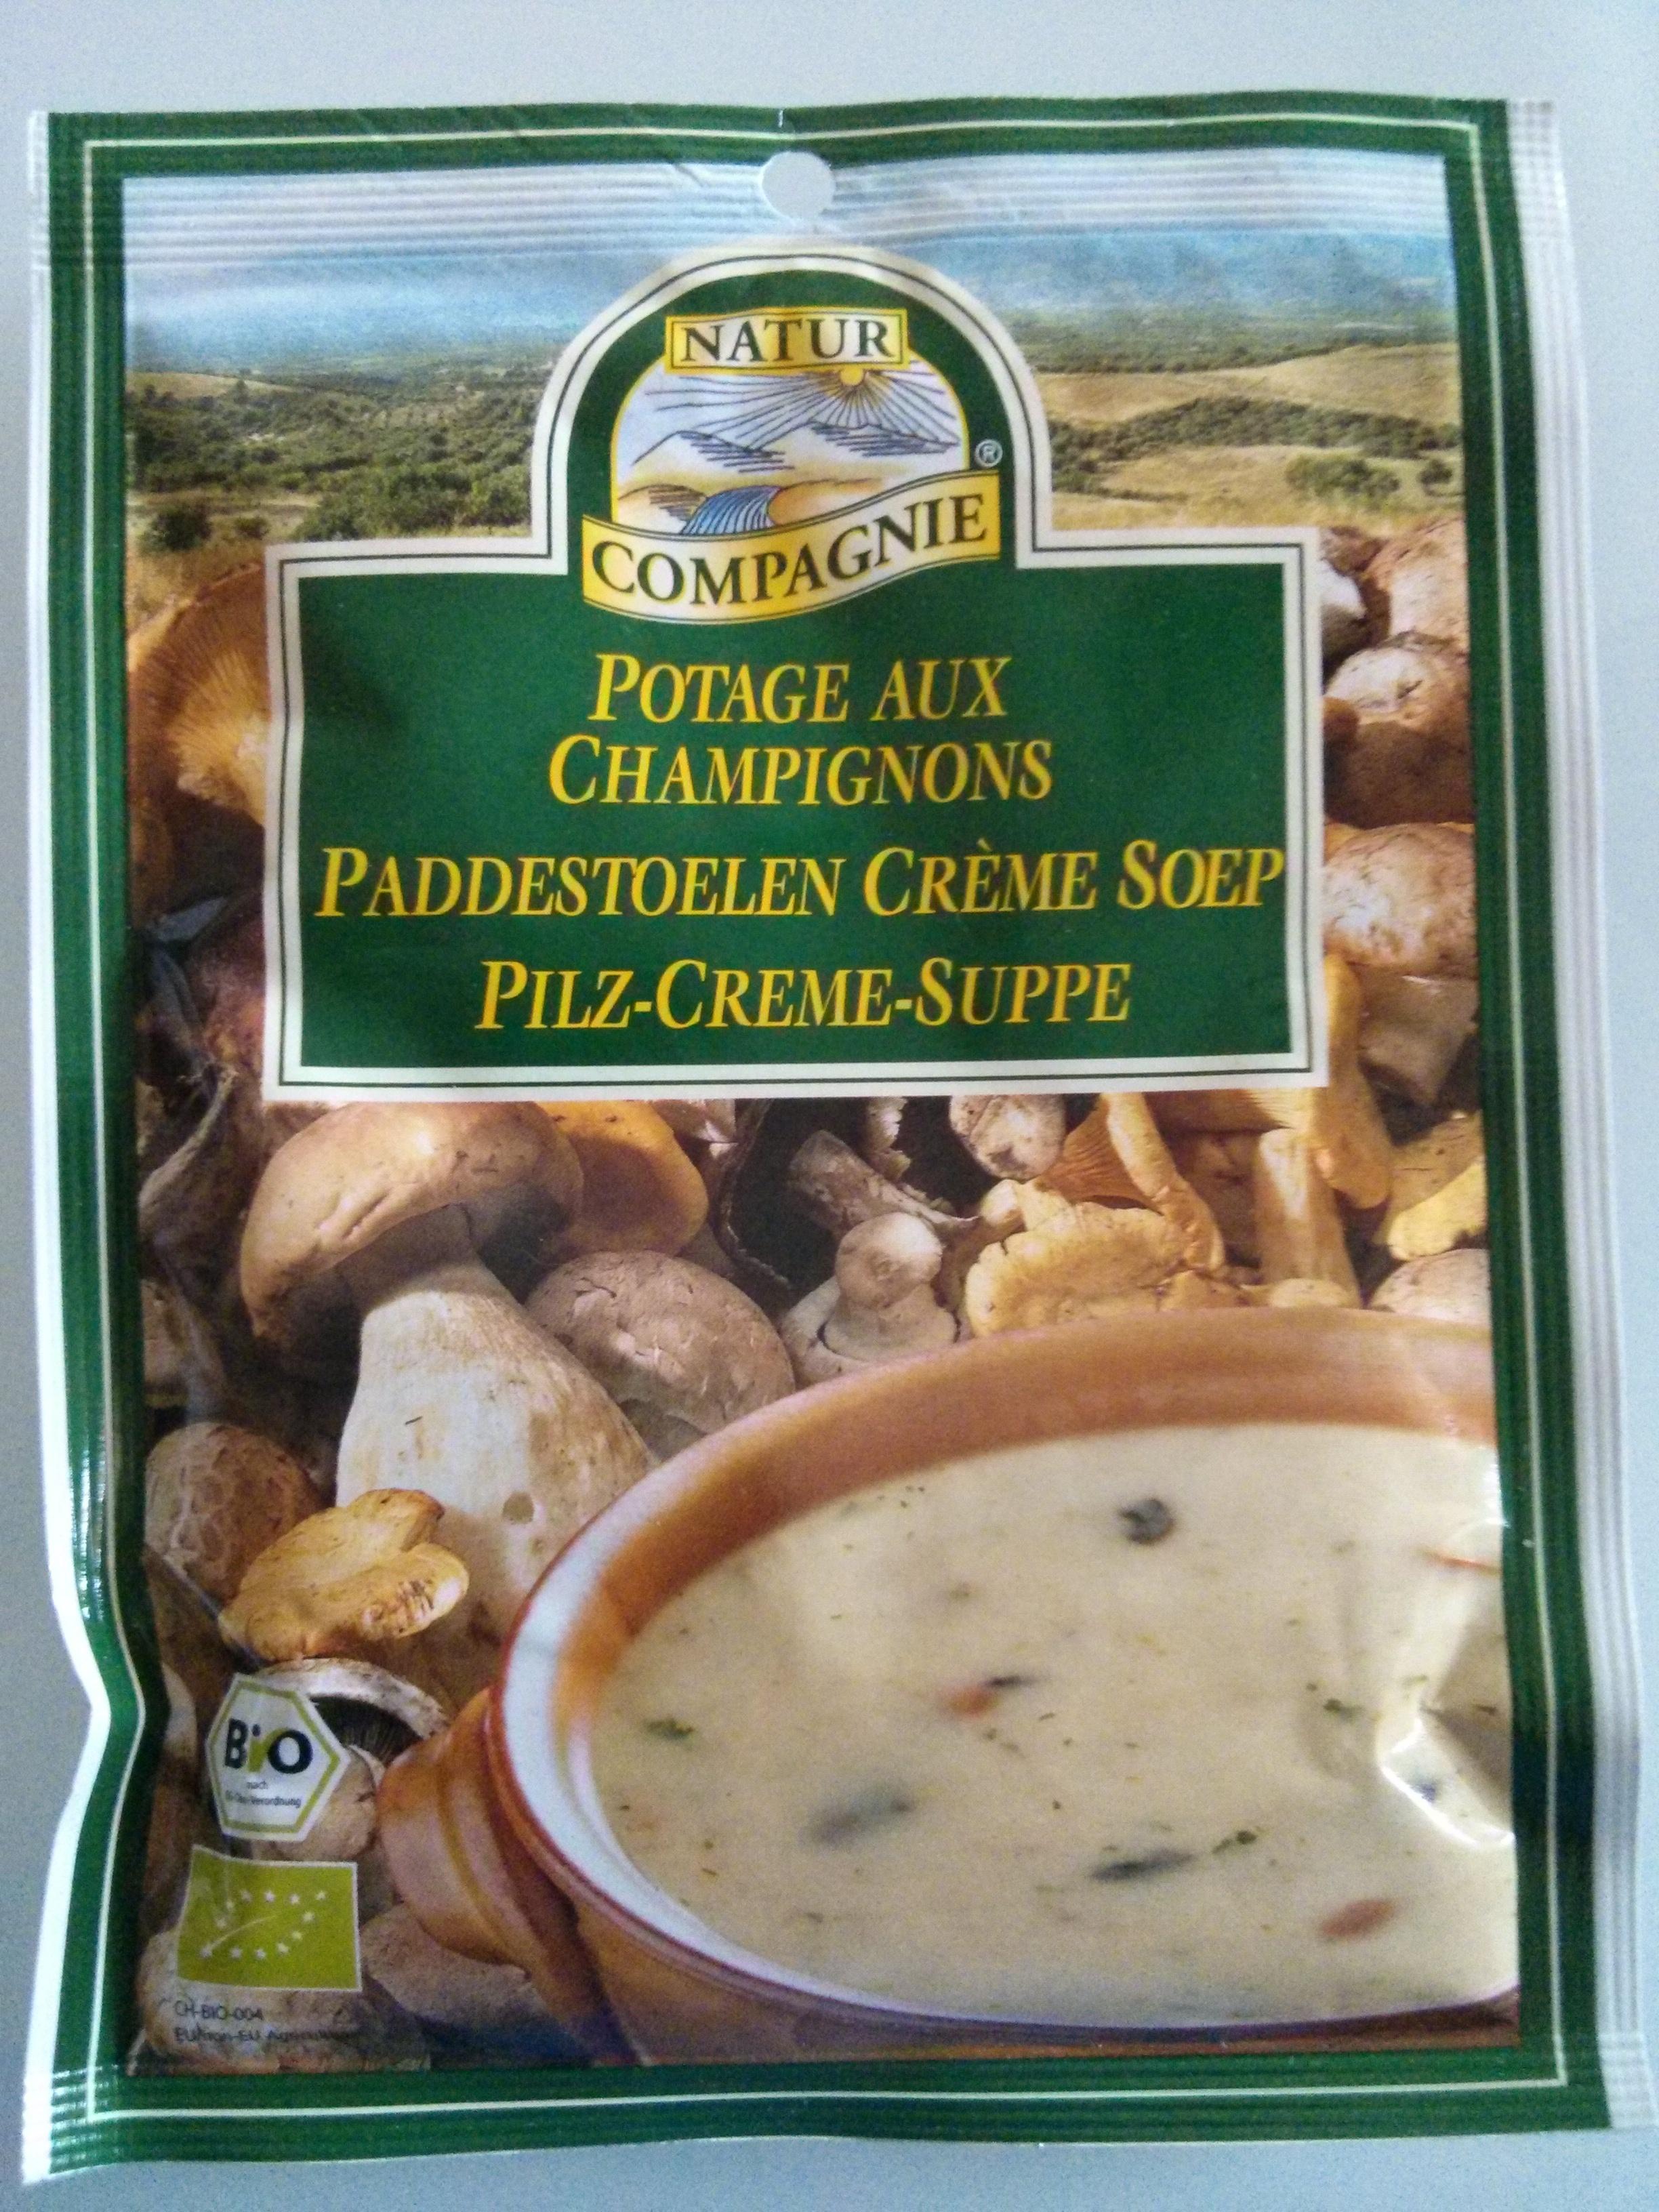 Potage aux champignons - Product - fr